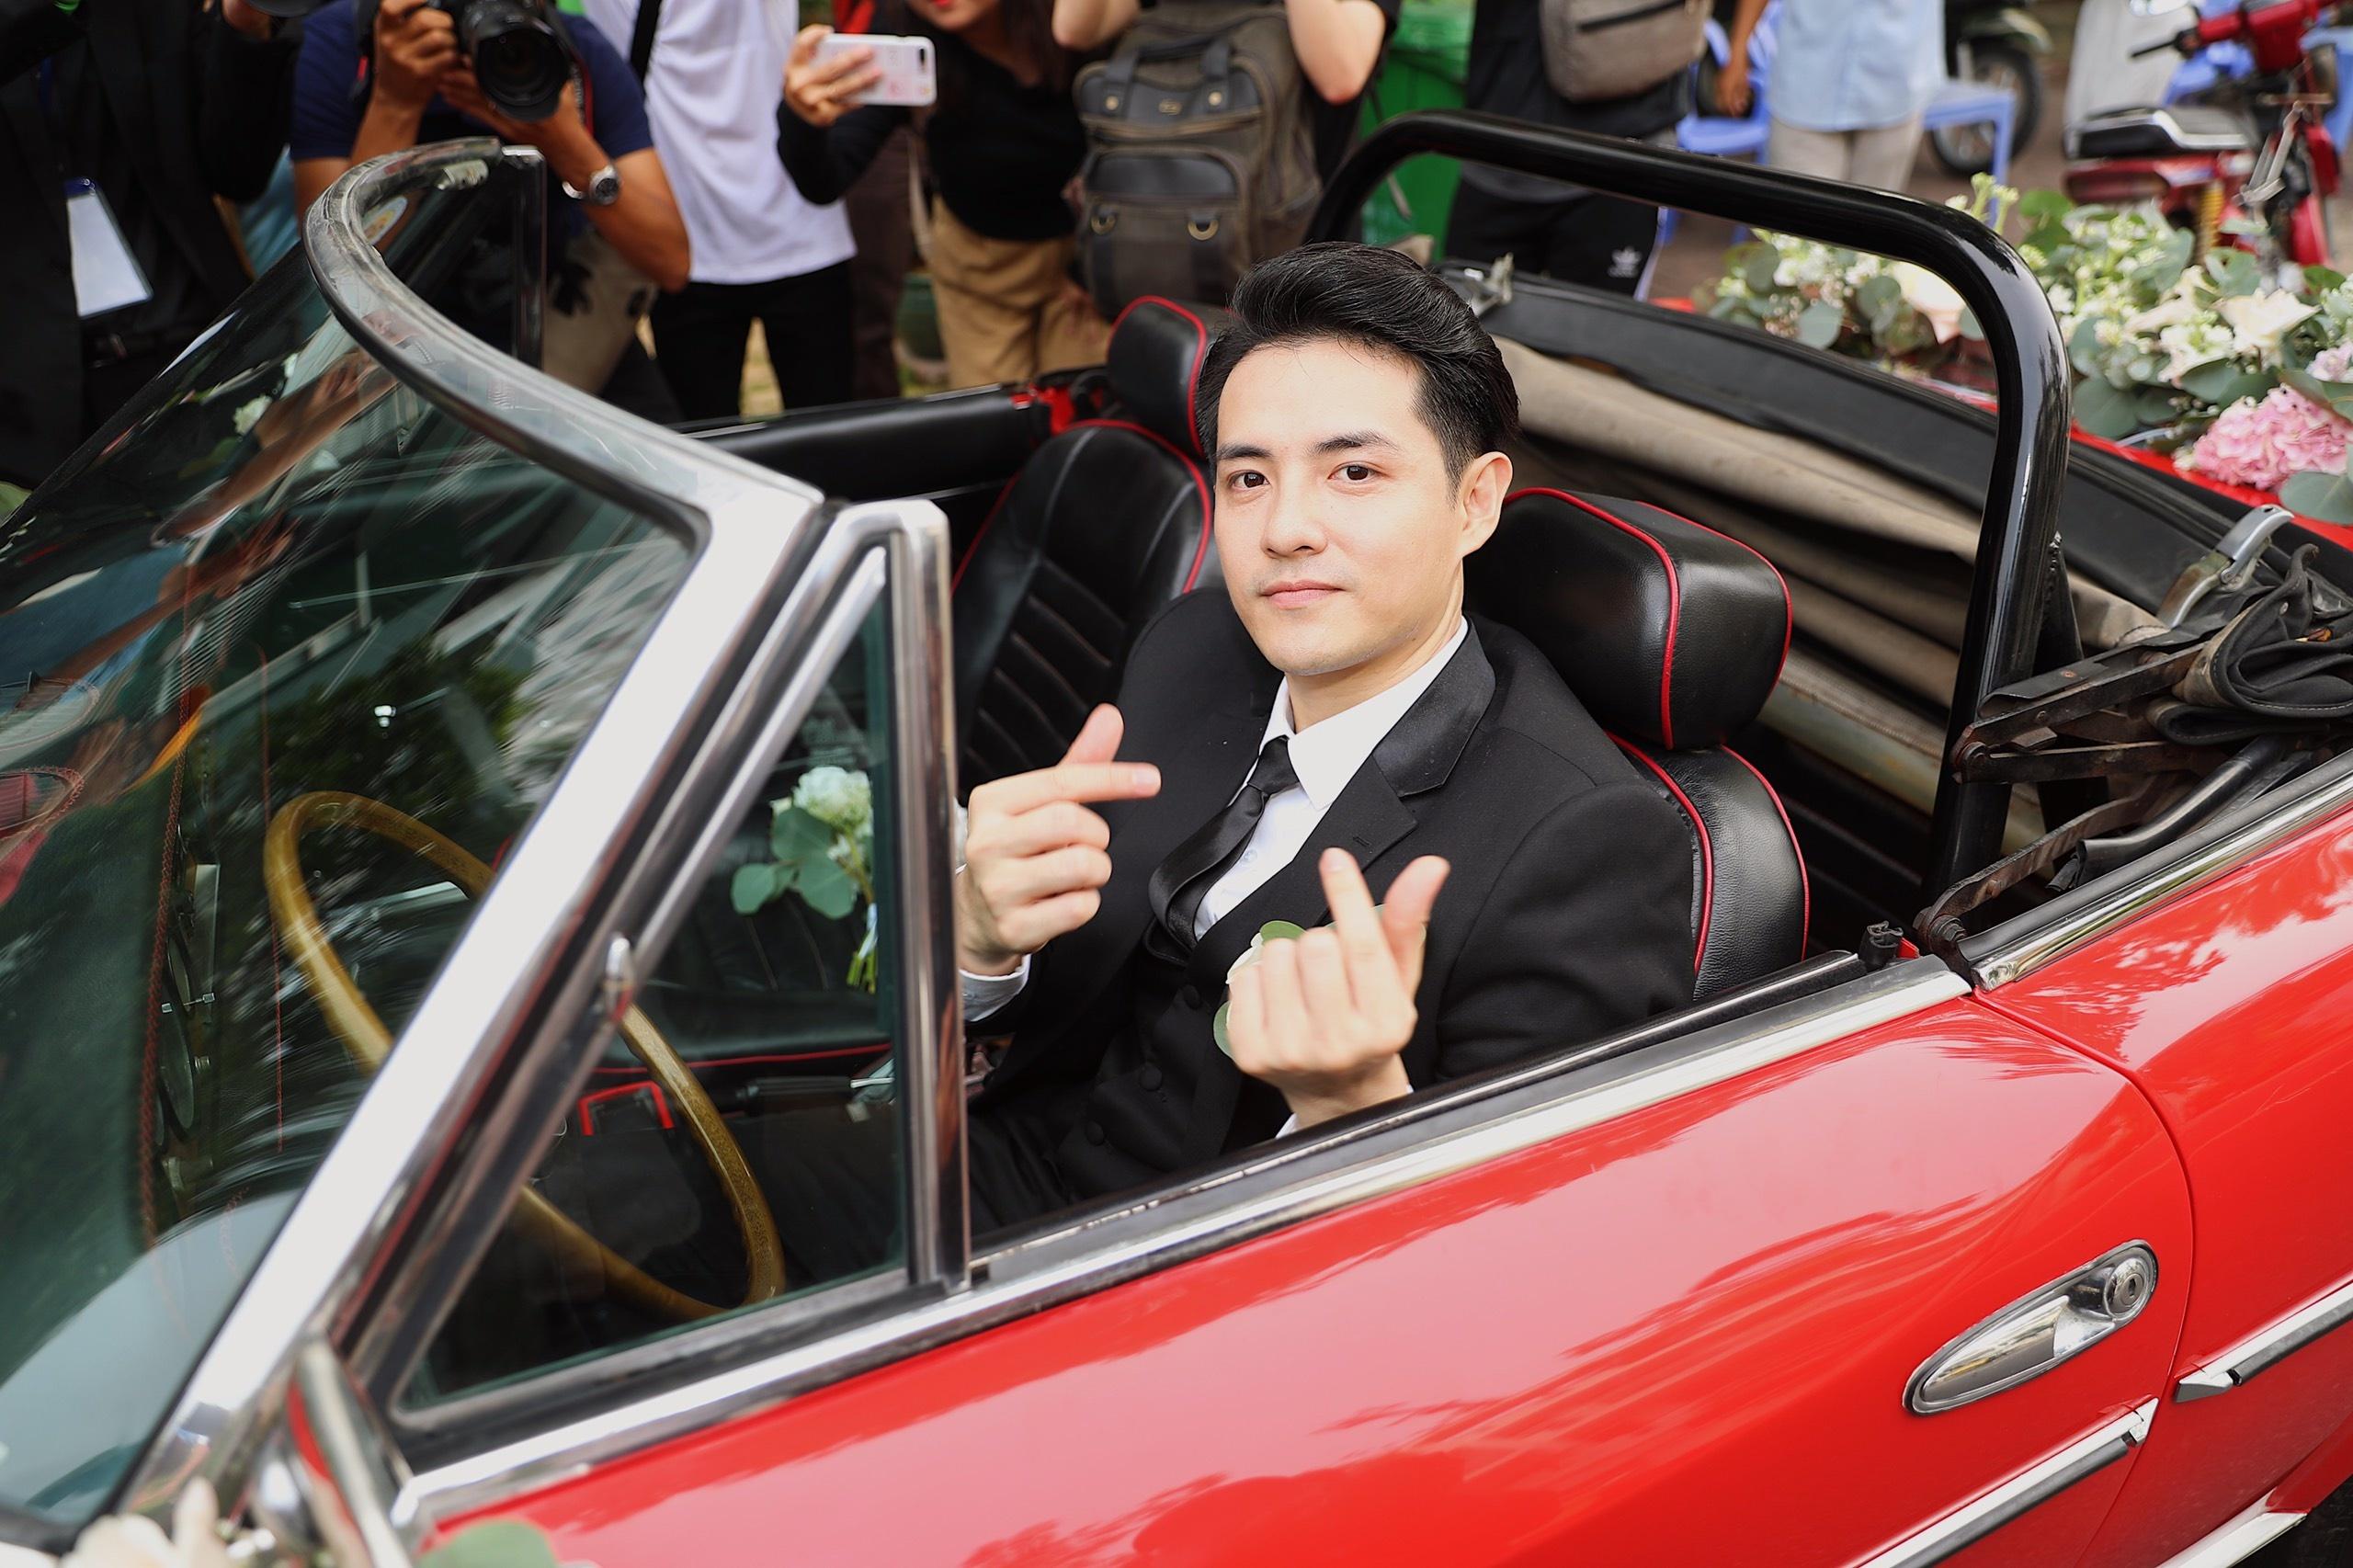 Le an hoi nao dong duong pho cua Dong Nhi - Ong Cao Thang hinh anh 36